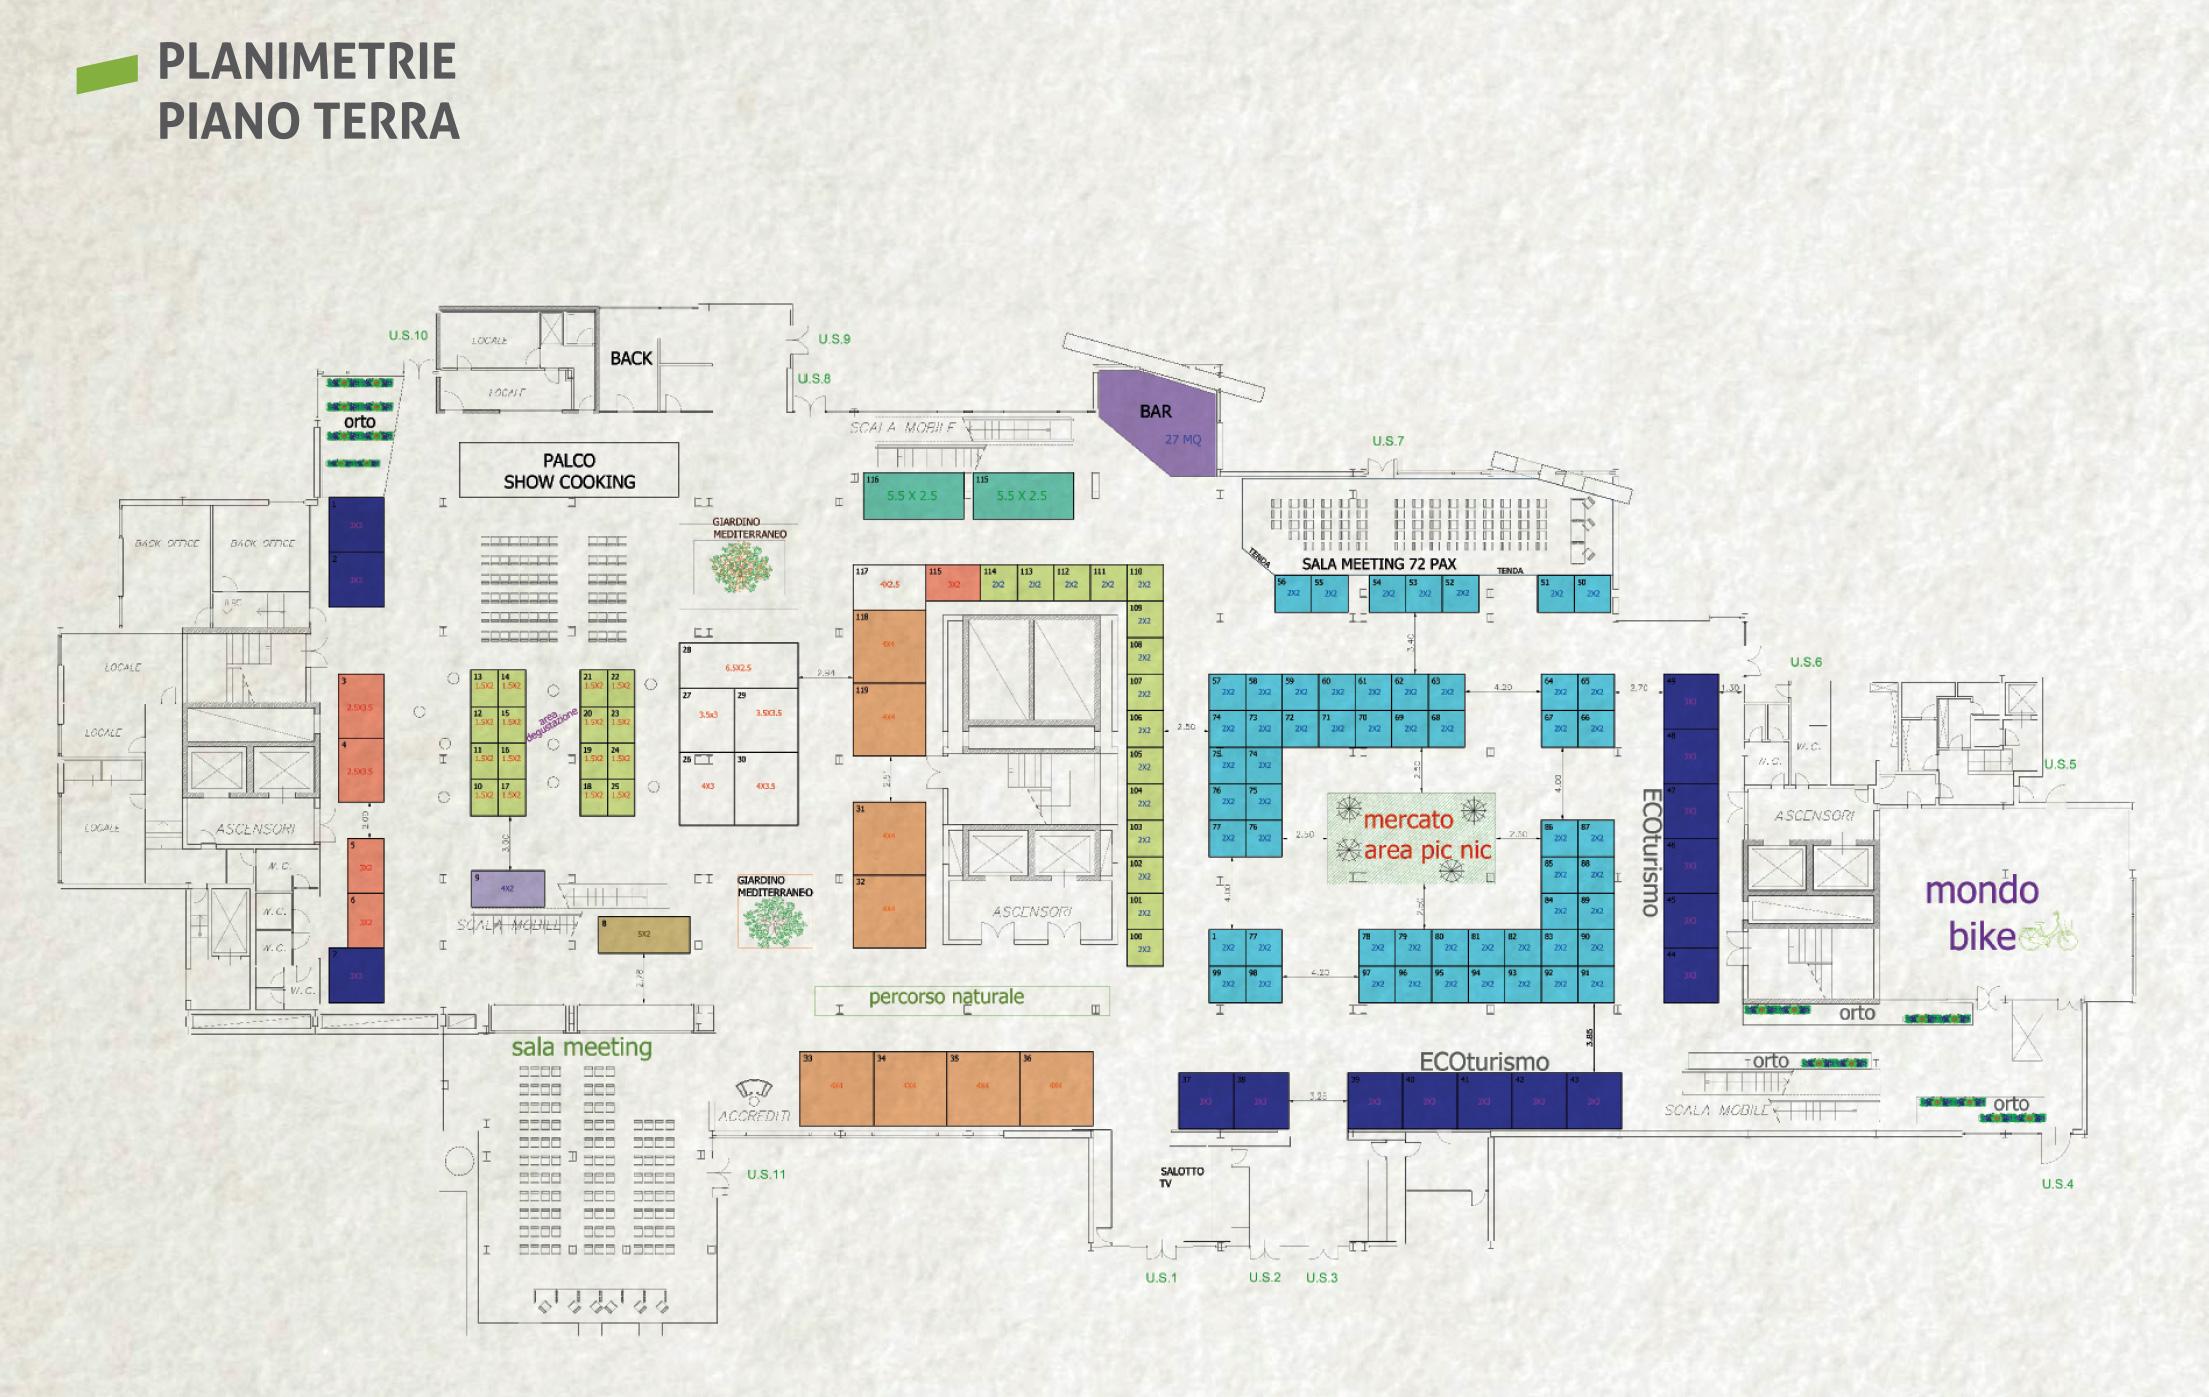 Expo Canapa Sud - Piano terra